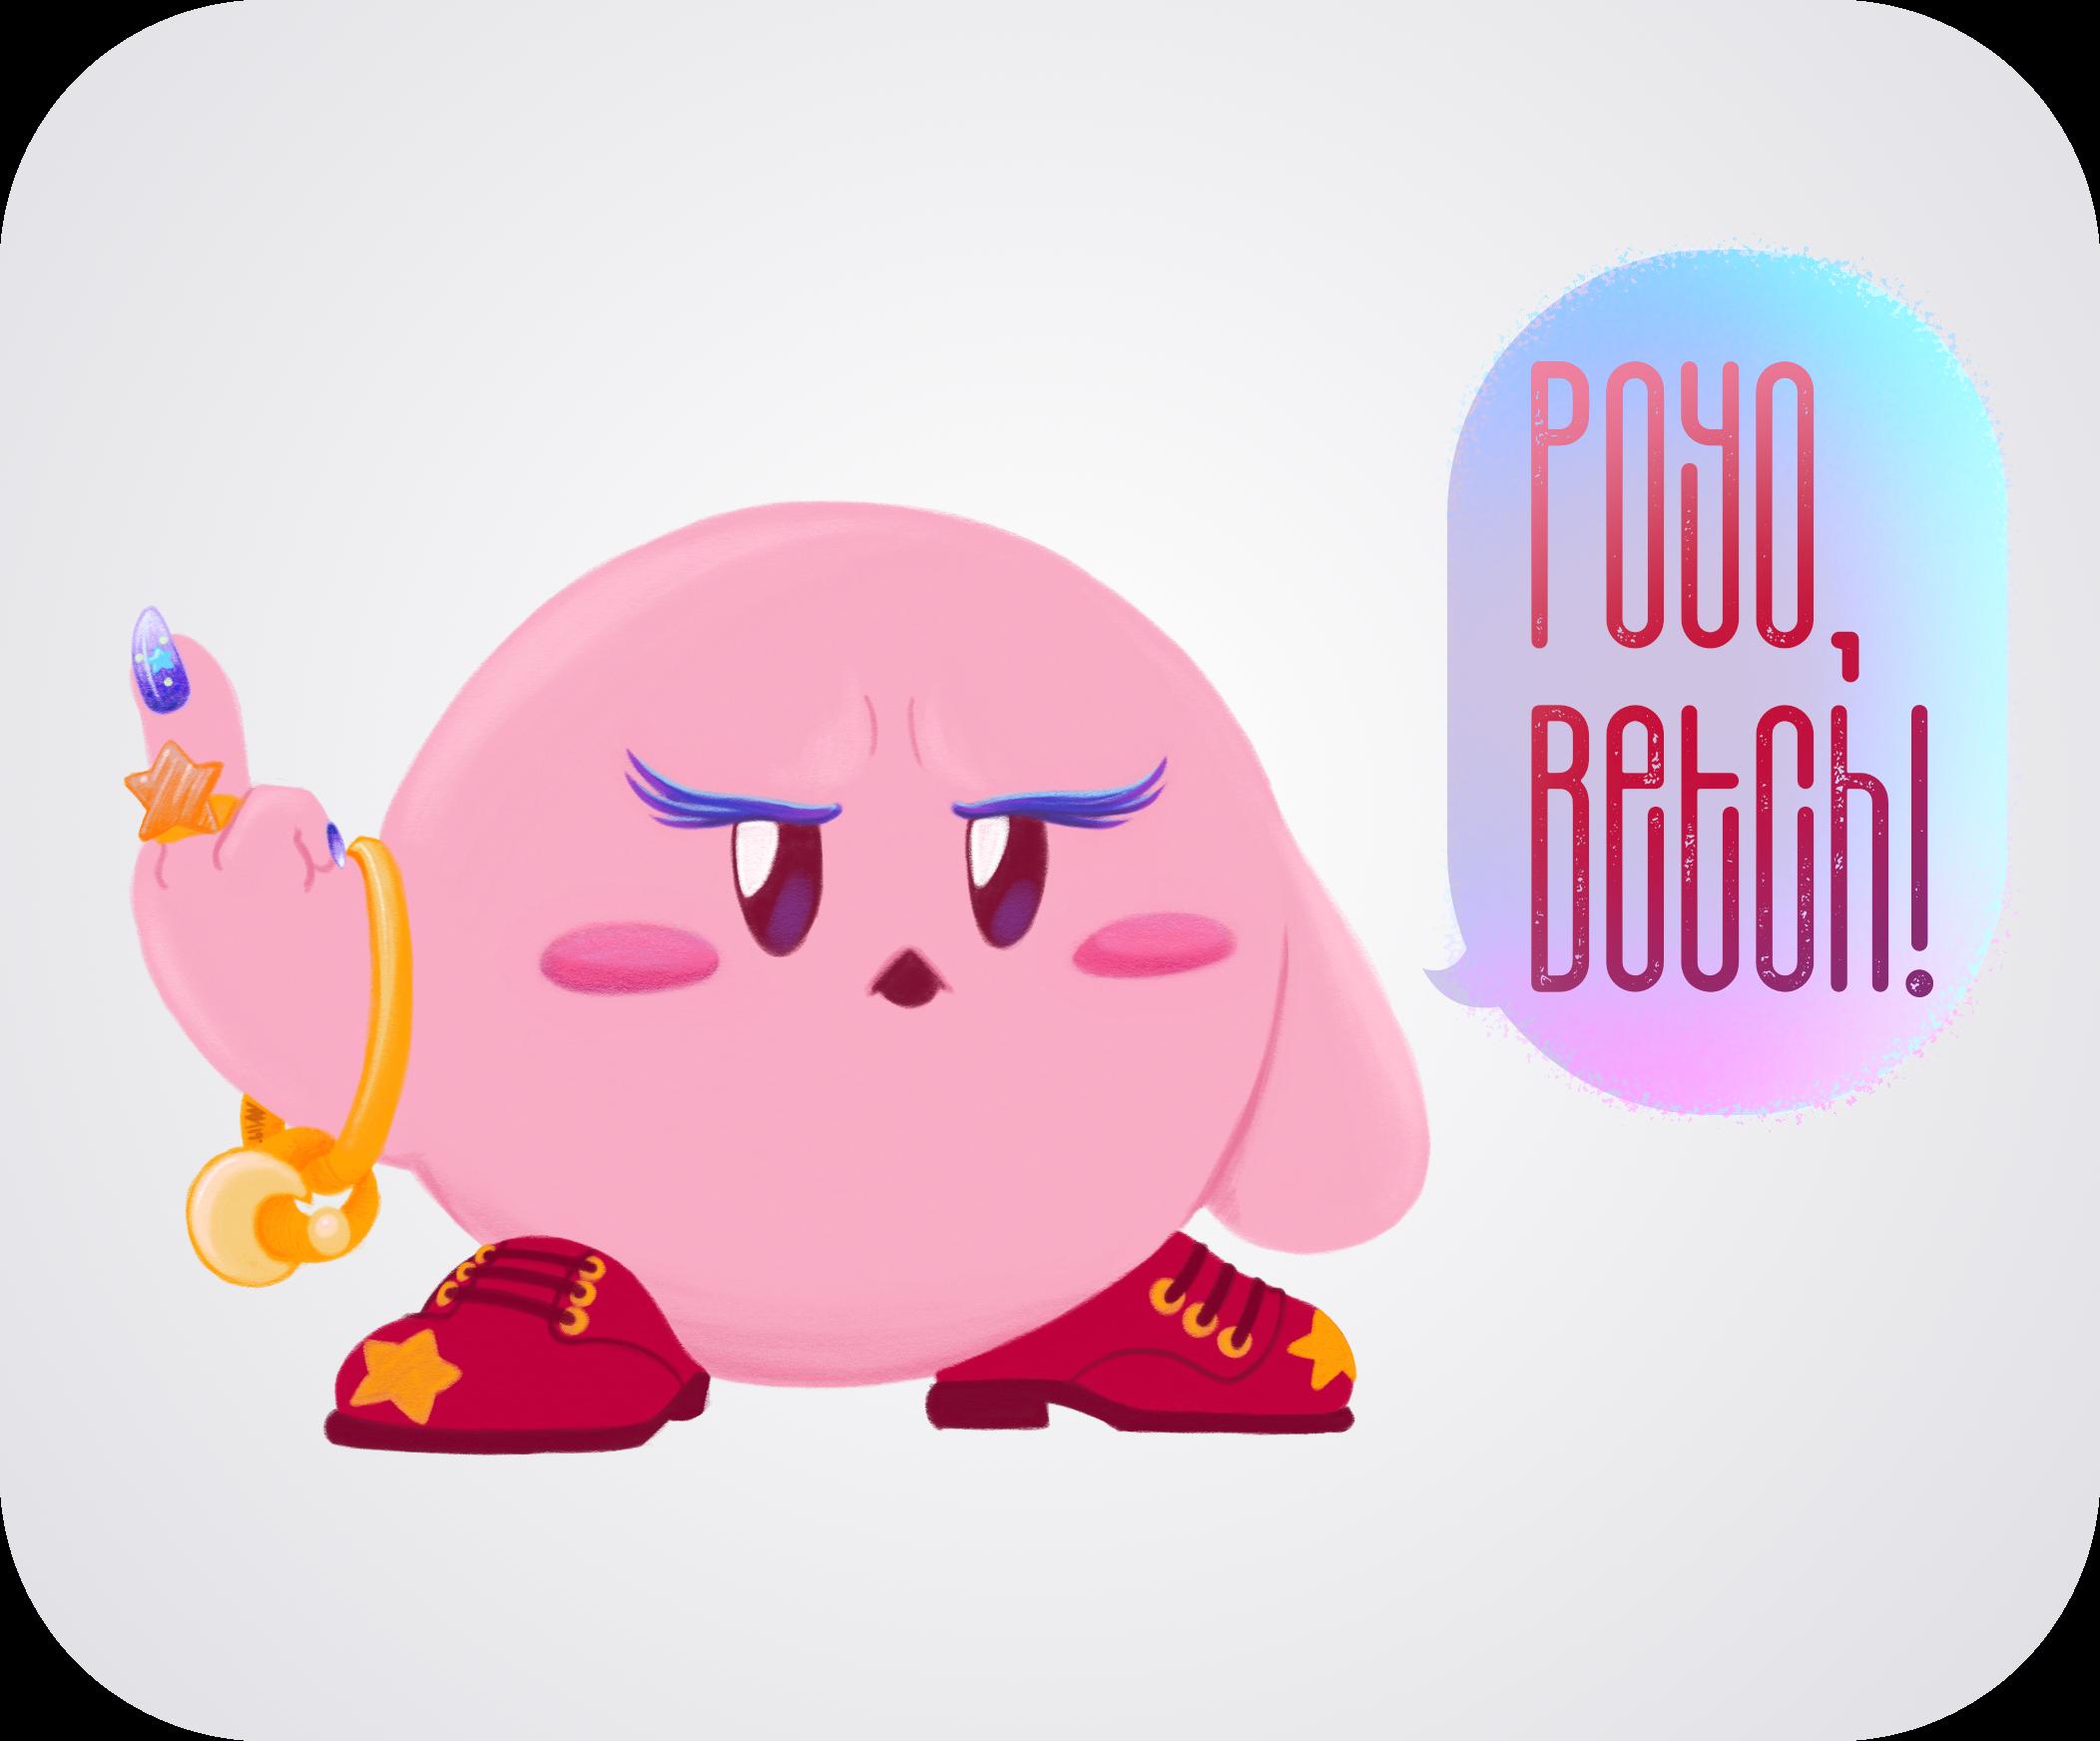 Poyo, Betch